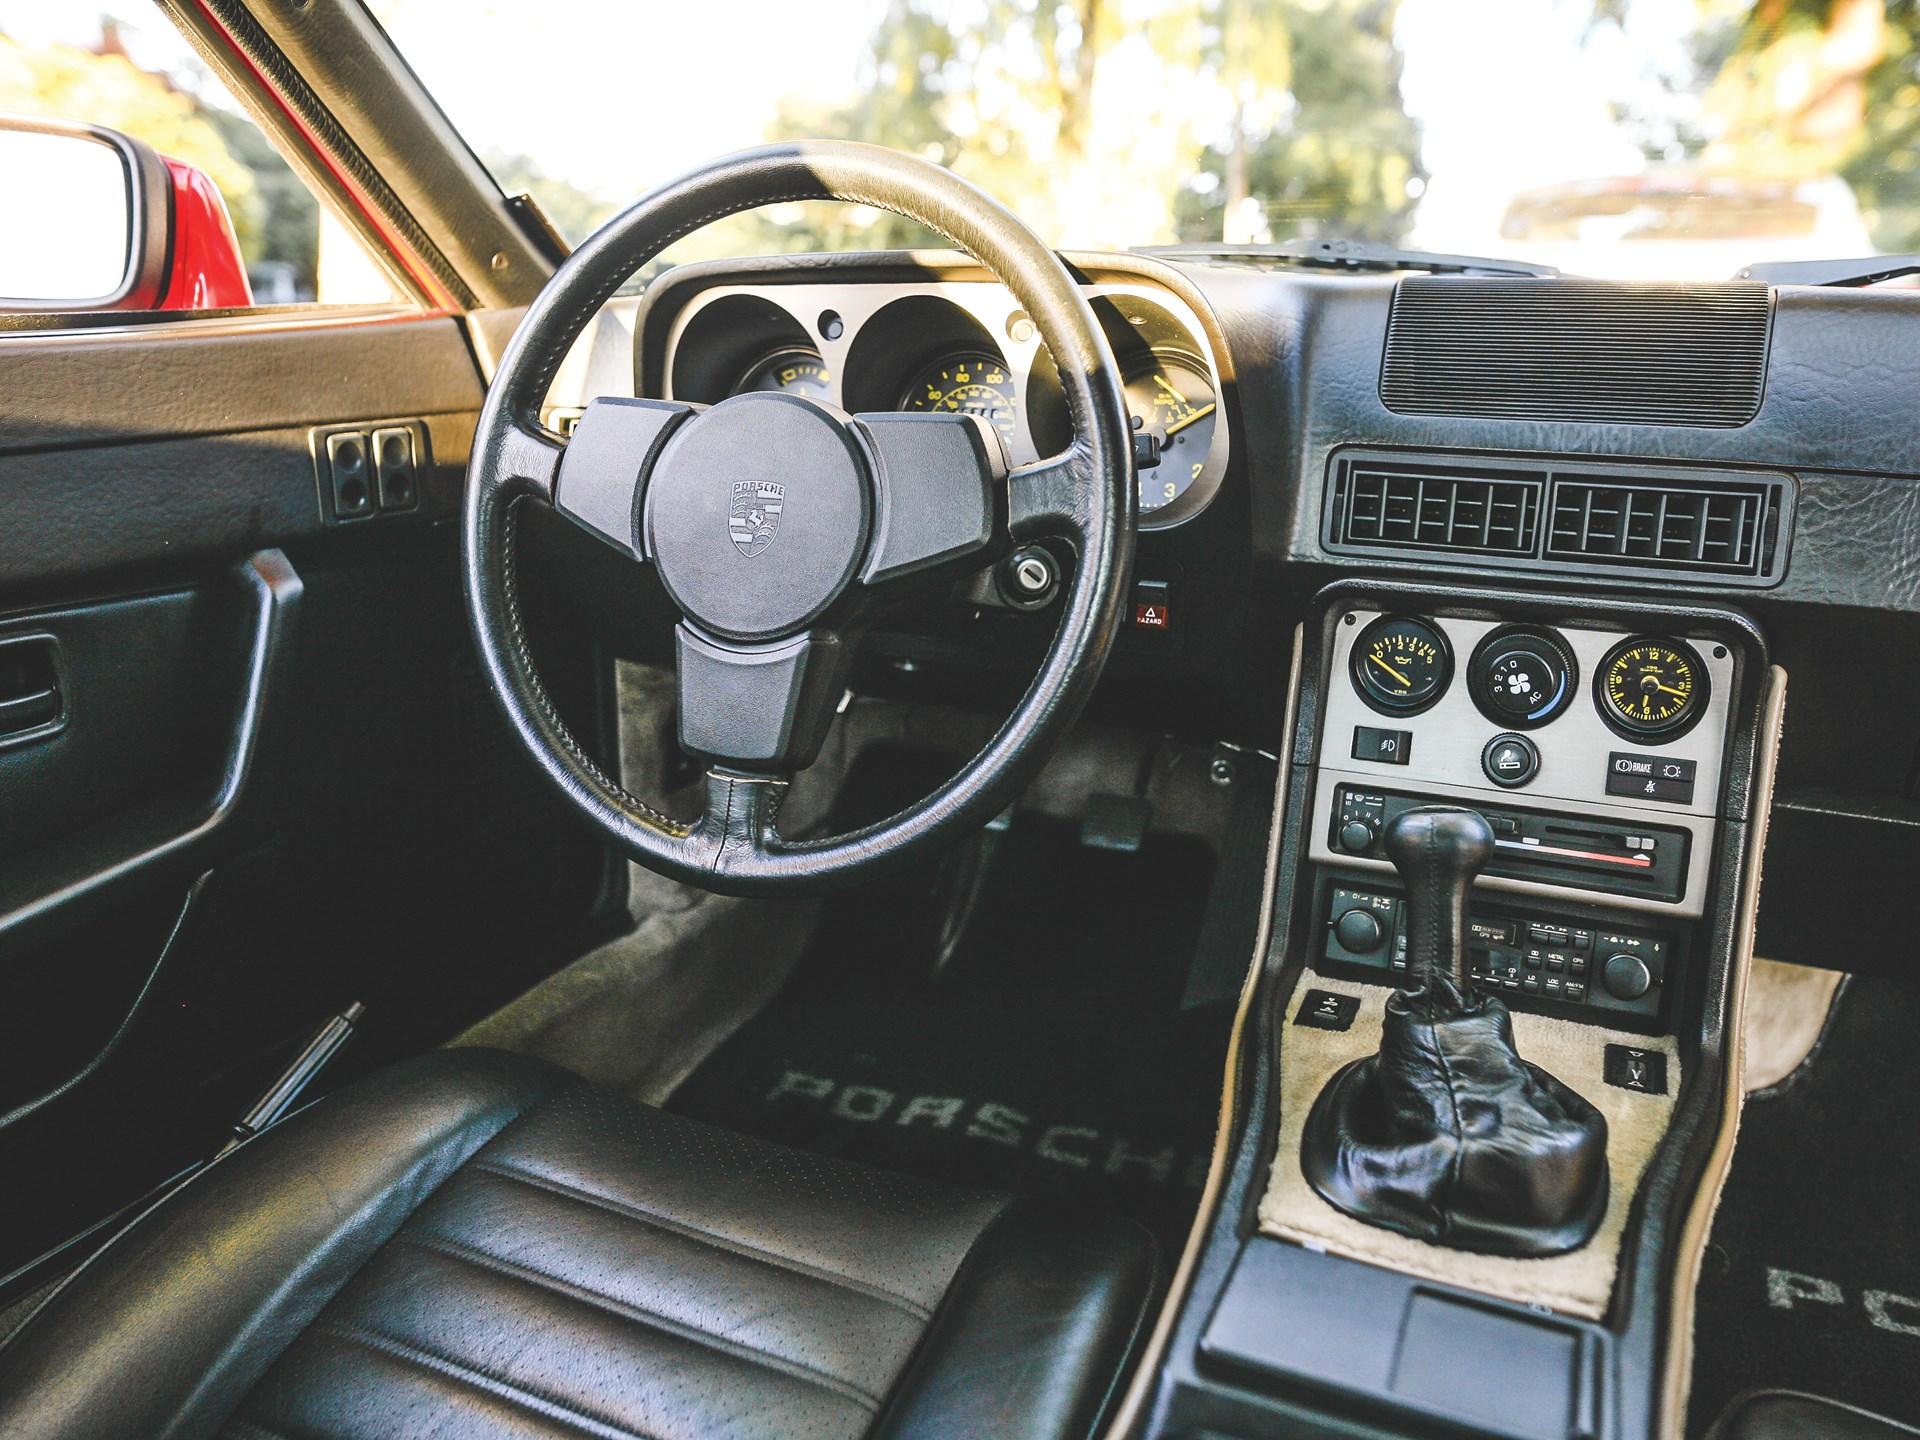 1984 Porsche 944 interior drivers seat